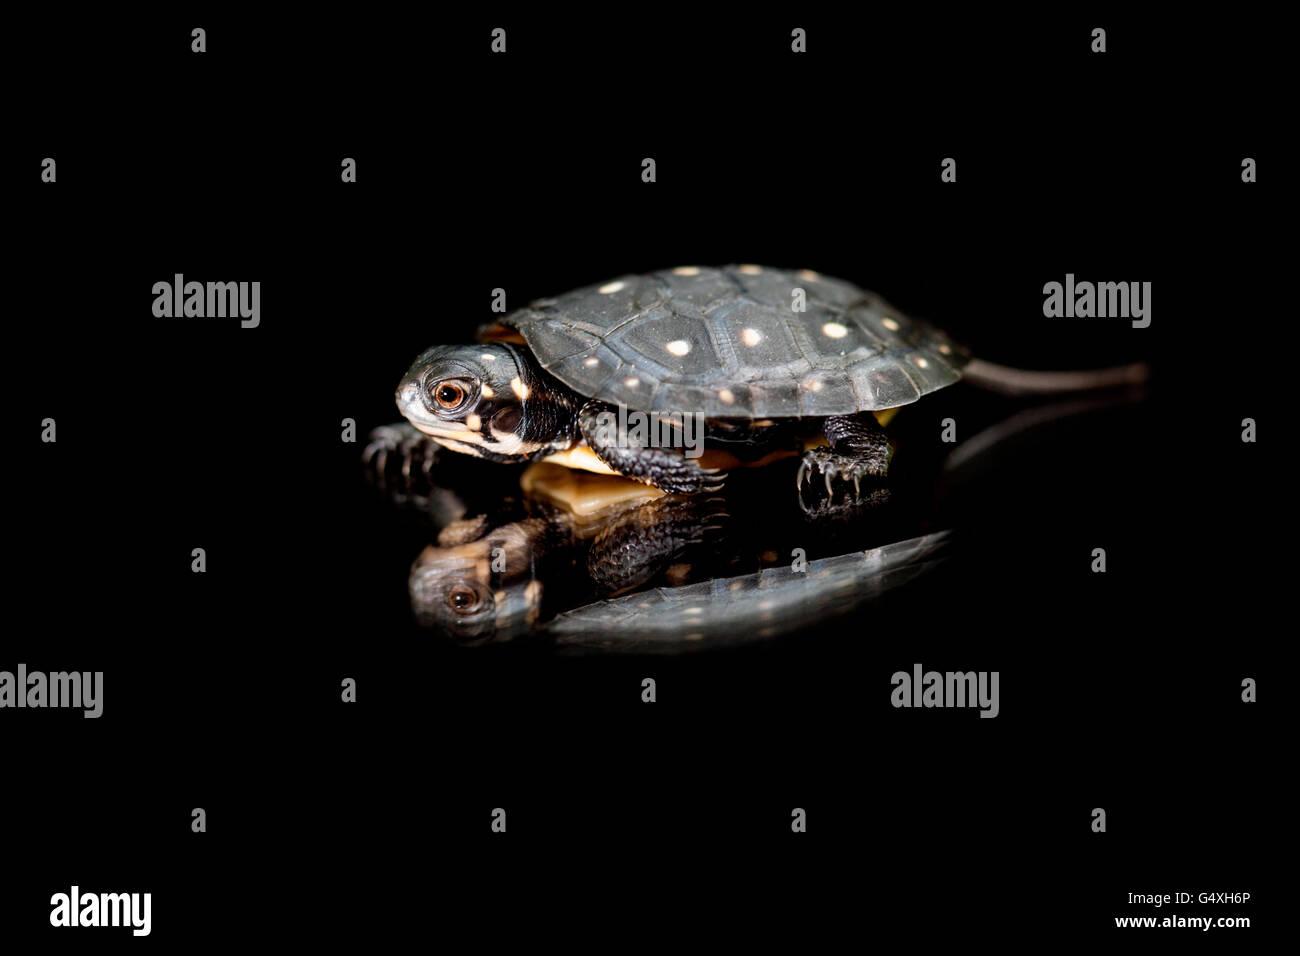 Baby-Schildkröte gesichtet (Clemmys Guttata) [Gefangenen] - Brownsville, Texas, USA Stockbild